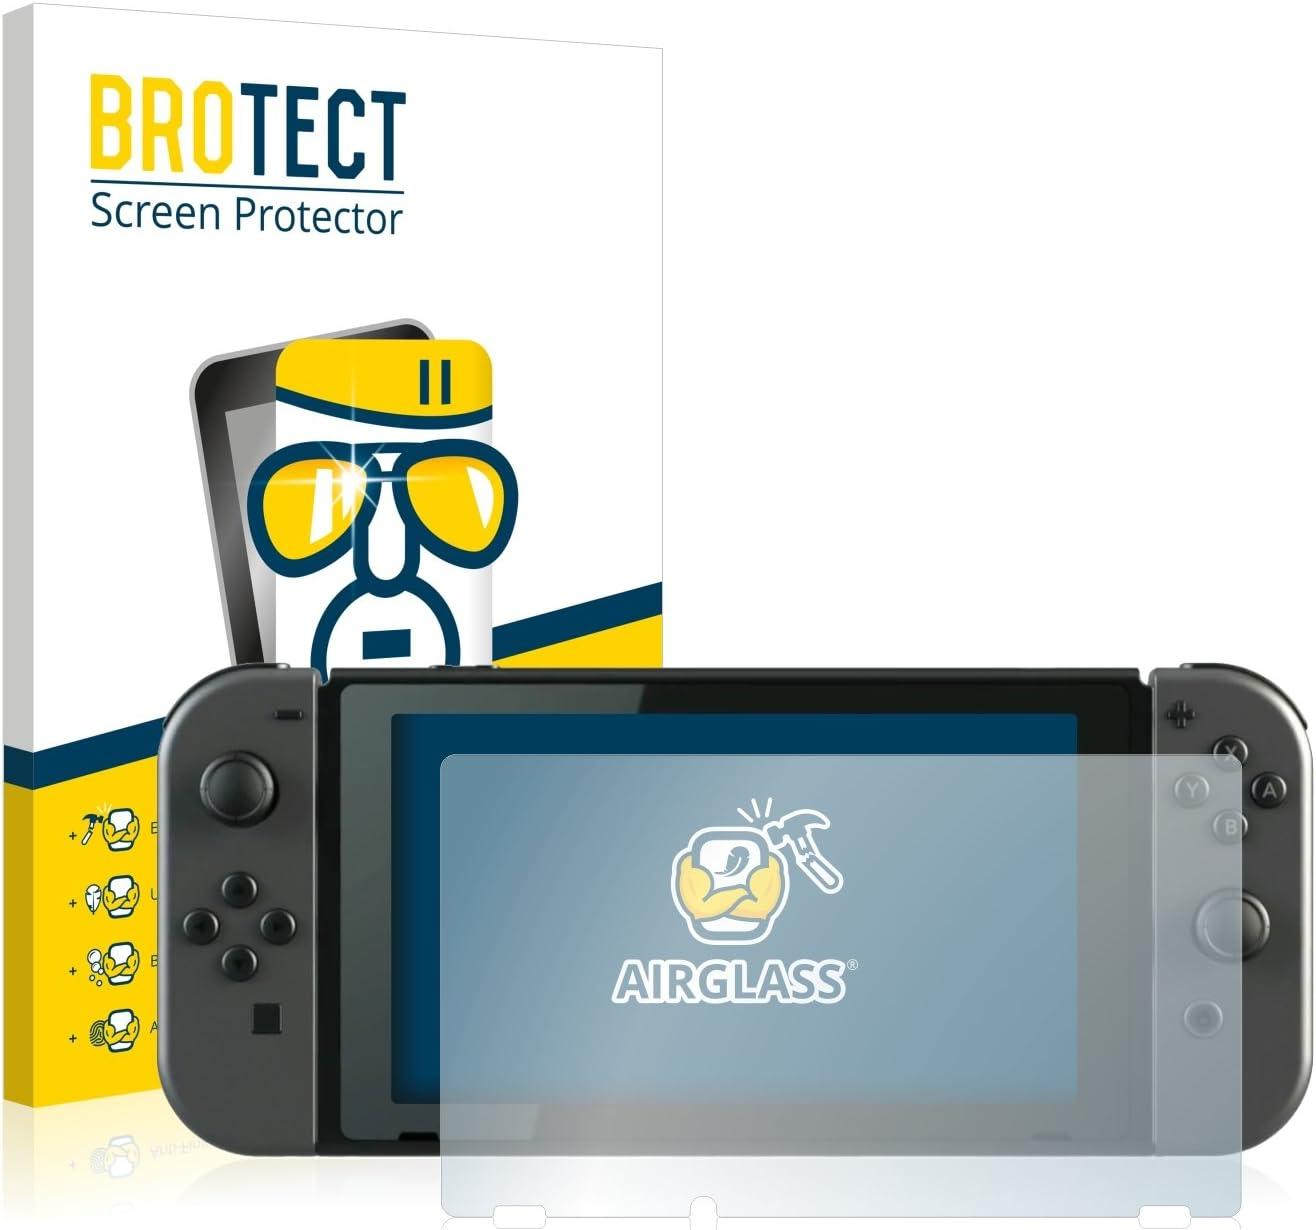 BROTECT Protector Pantalla Cristal Compatible con Ducati 1199 Panigale Protector Pantalla Vidrio Dureza 9H AirGlass